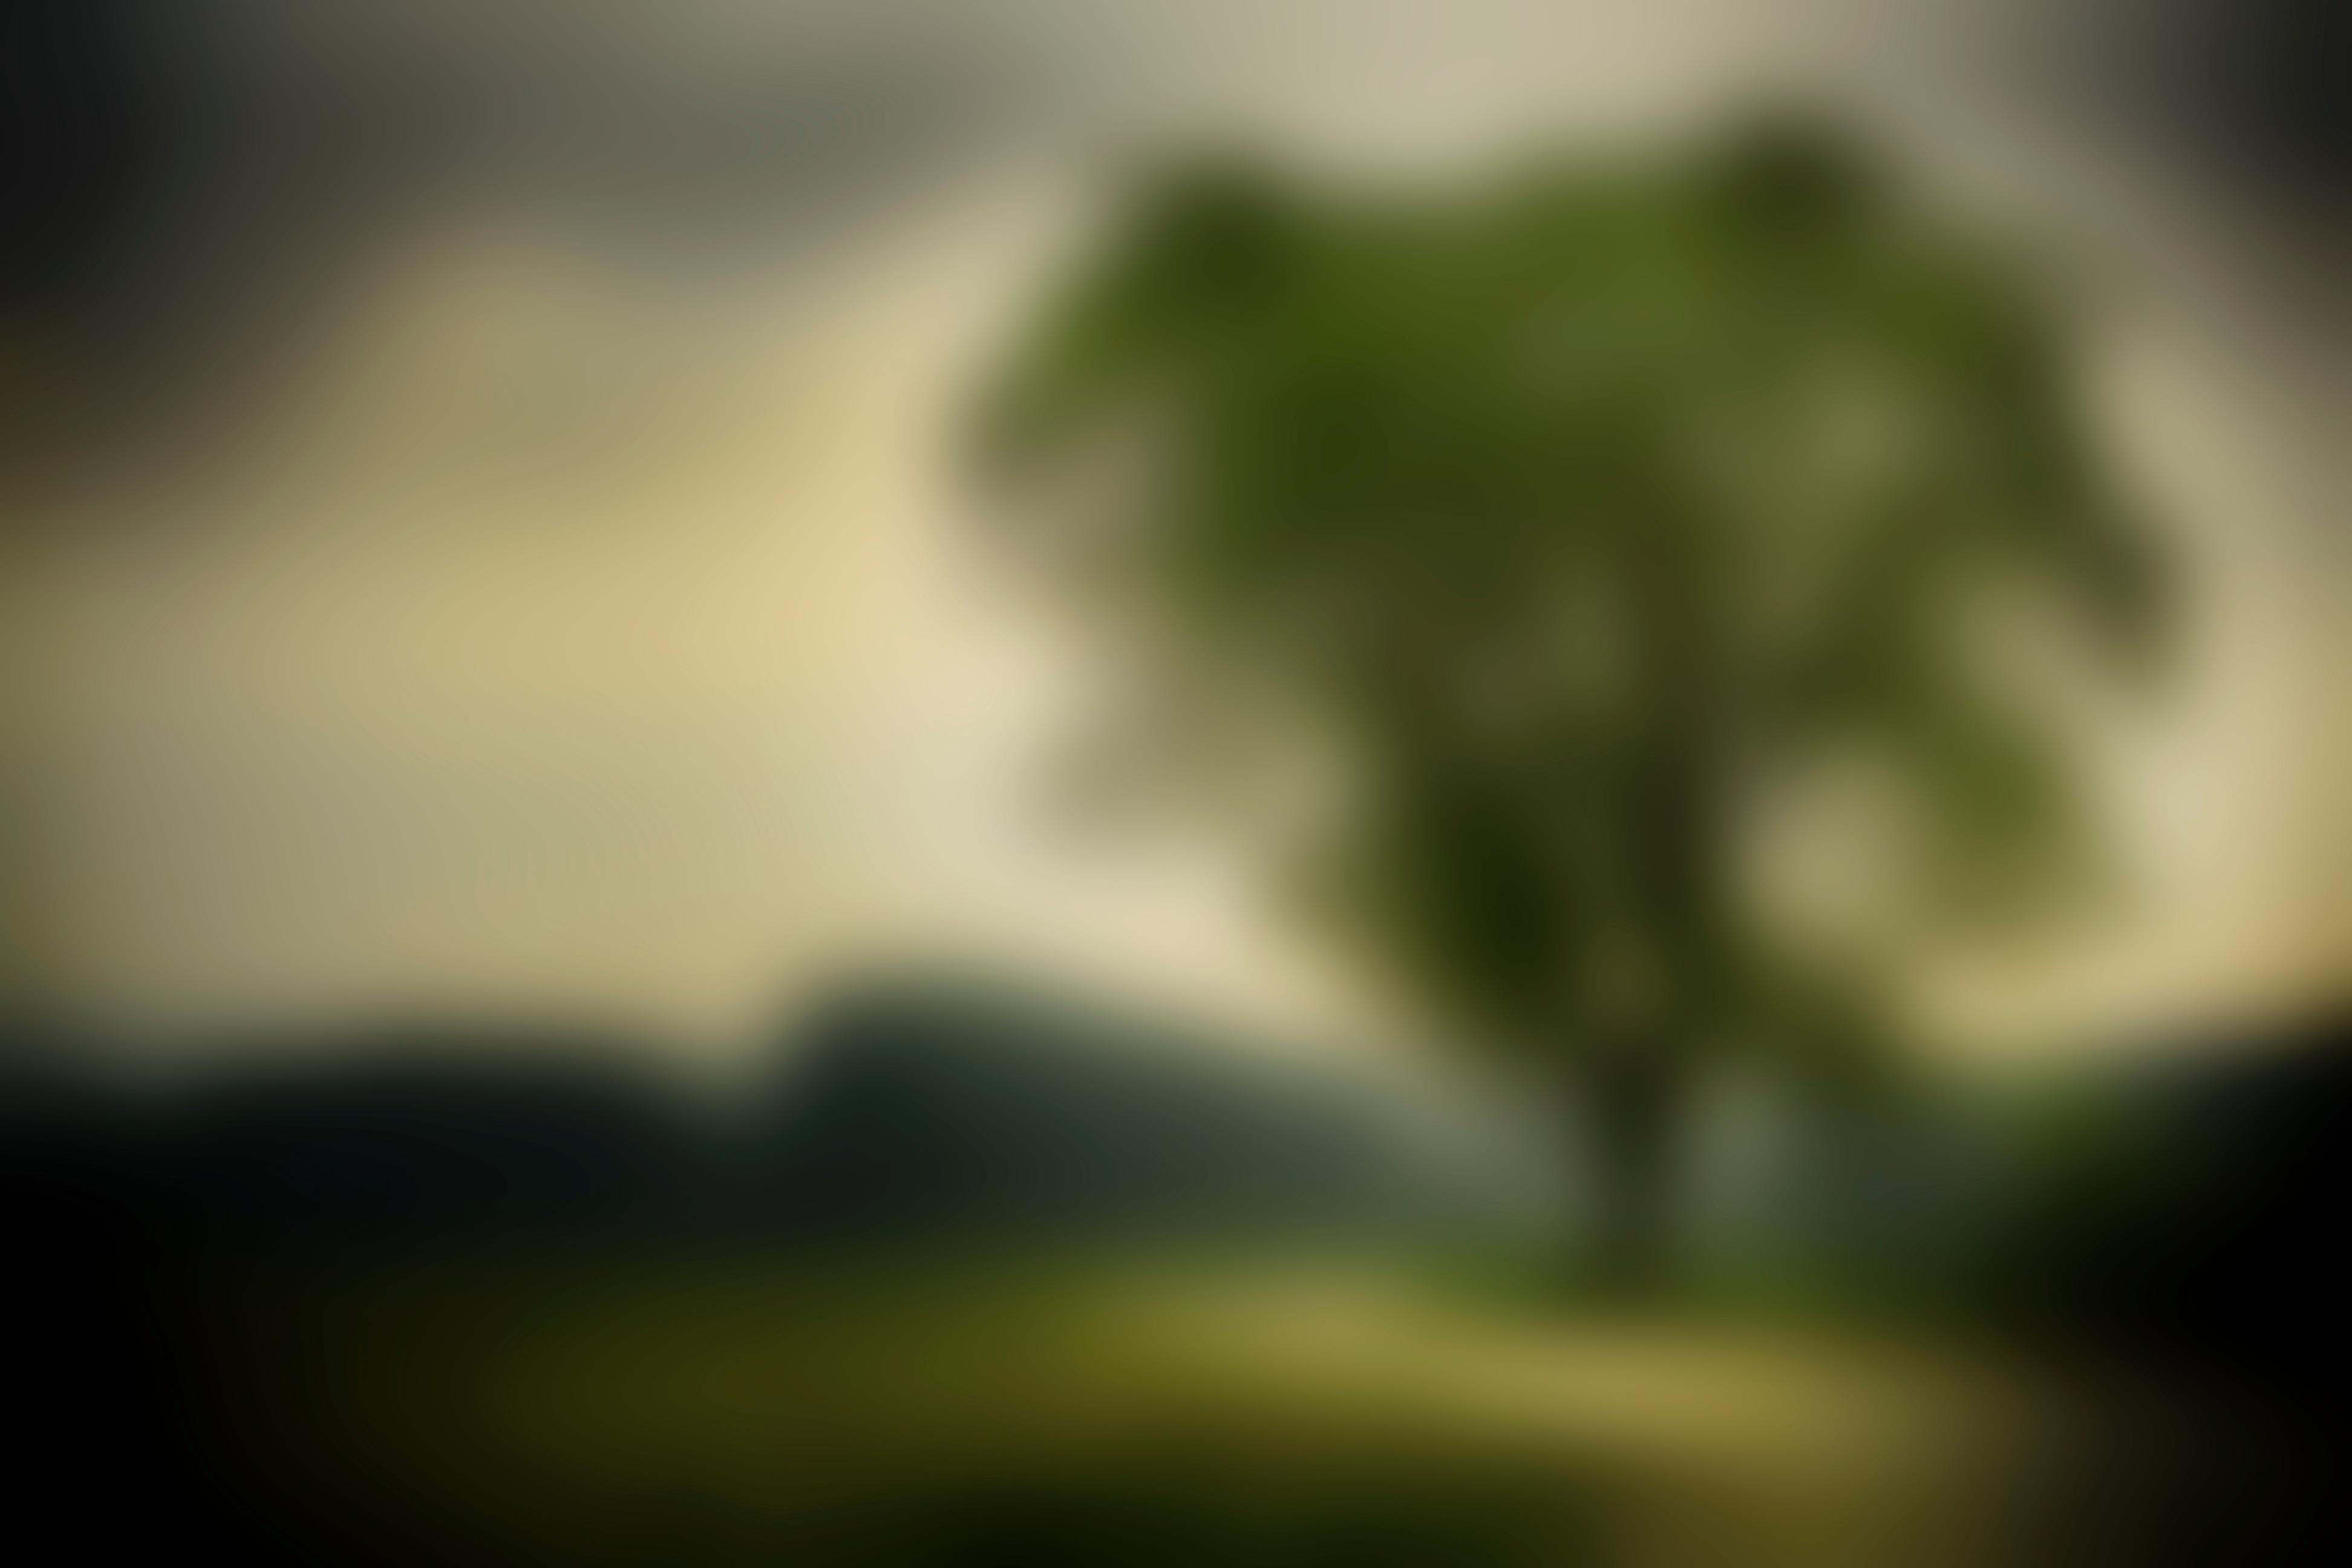 31 Nature Background Blur Picsart Wallpaper Hd Basty Wallpaper